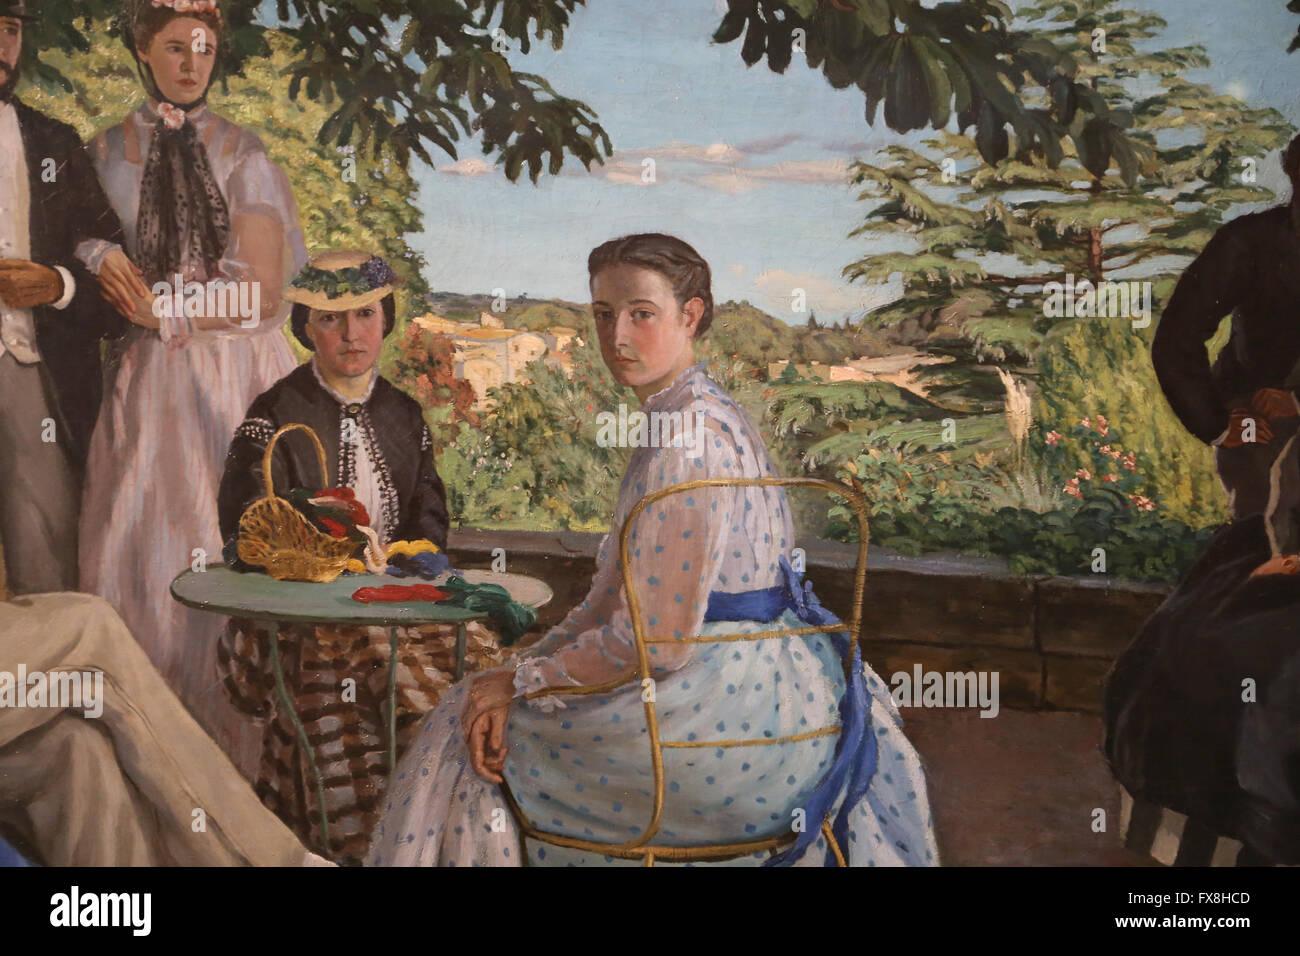 Frédéric Bazille (1841-1870). Familienfeiern, auch genannt Familienporträts, 1867. Öl auf Leinwand. Stockbild